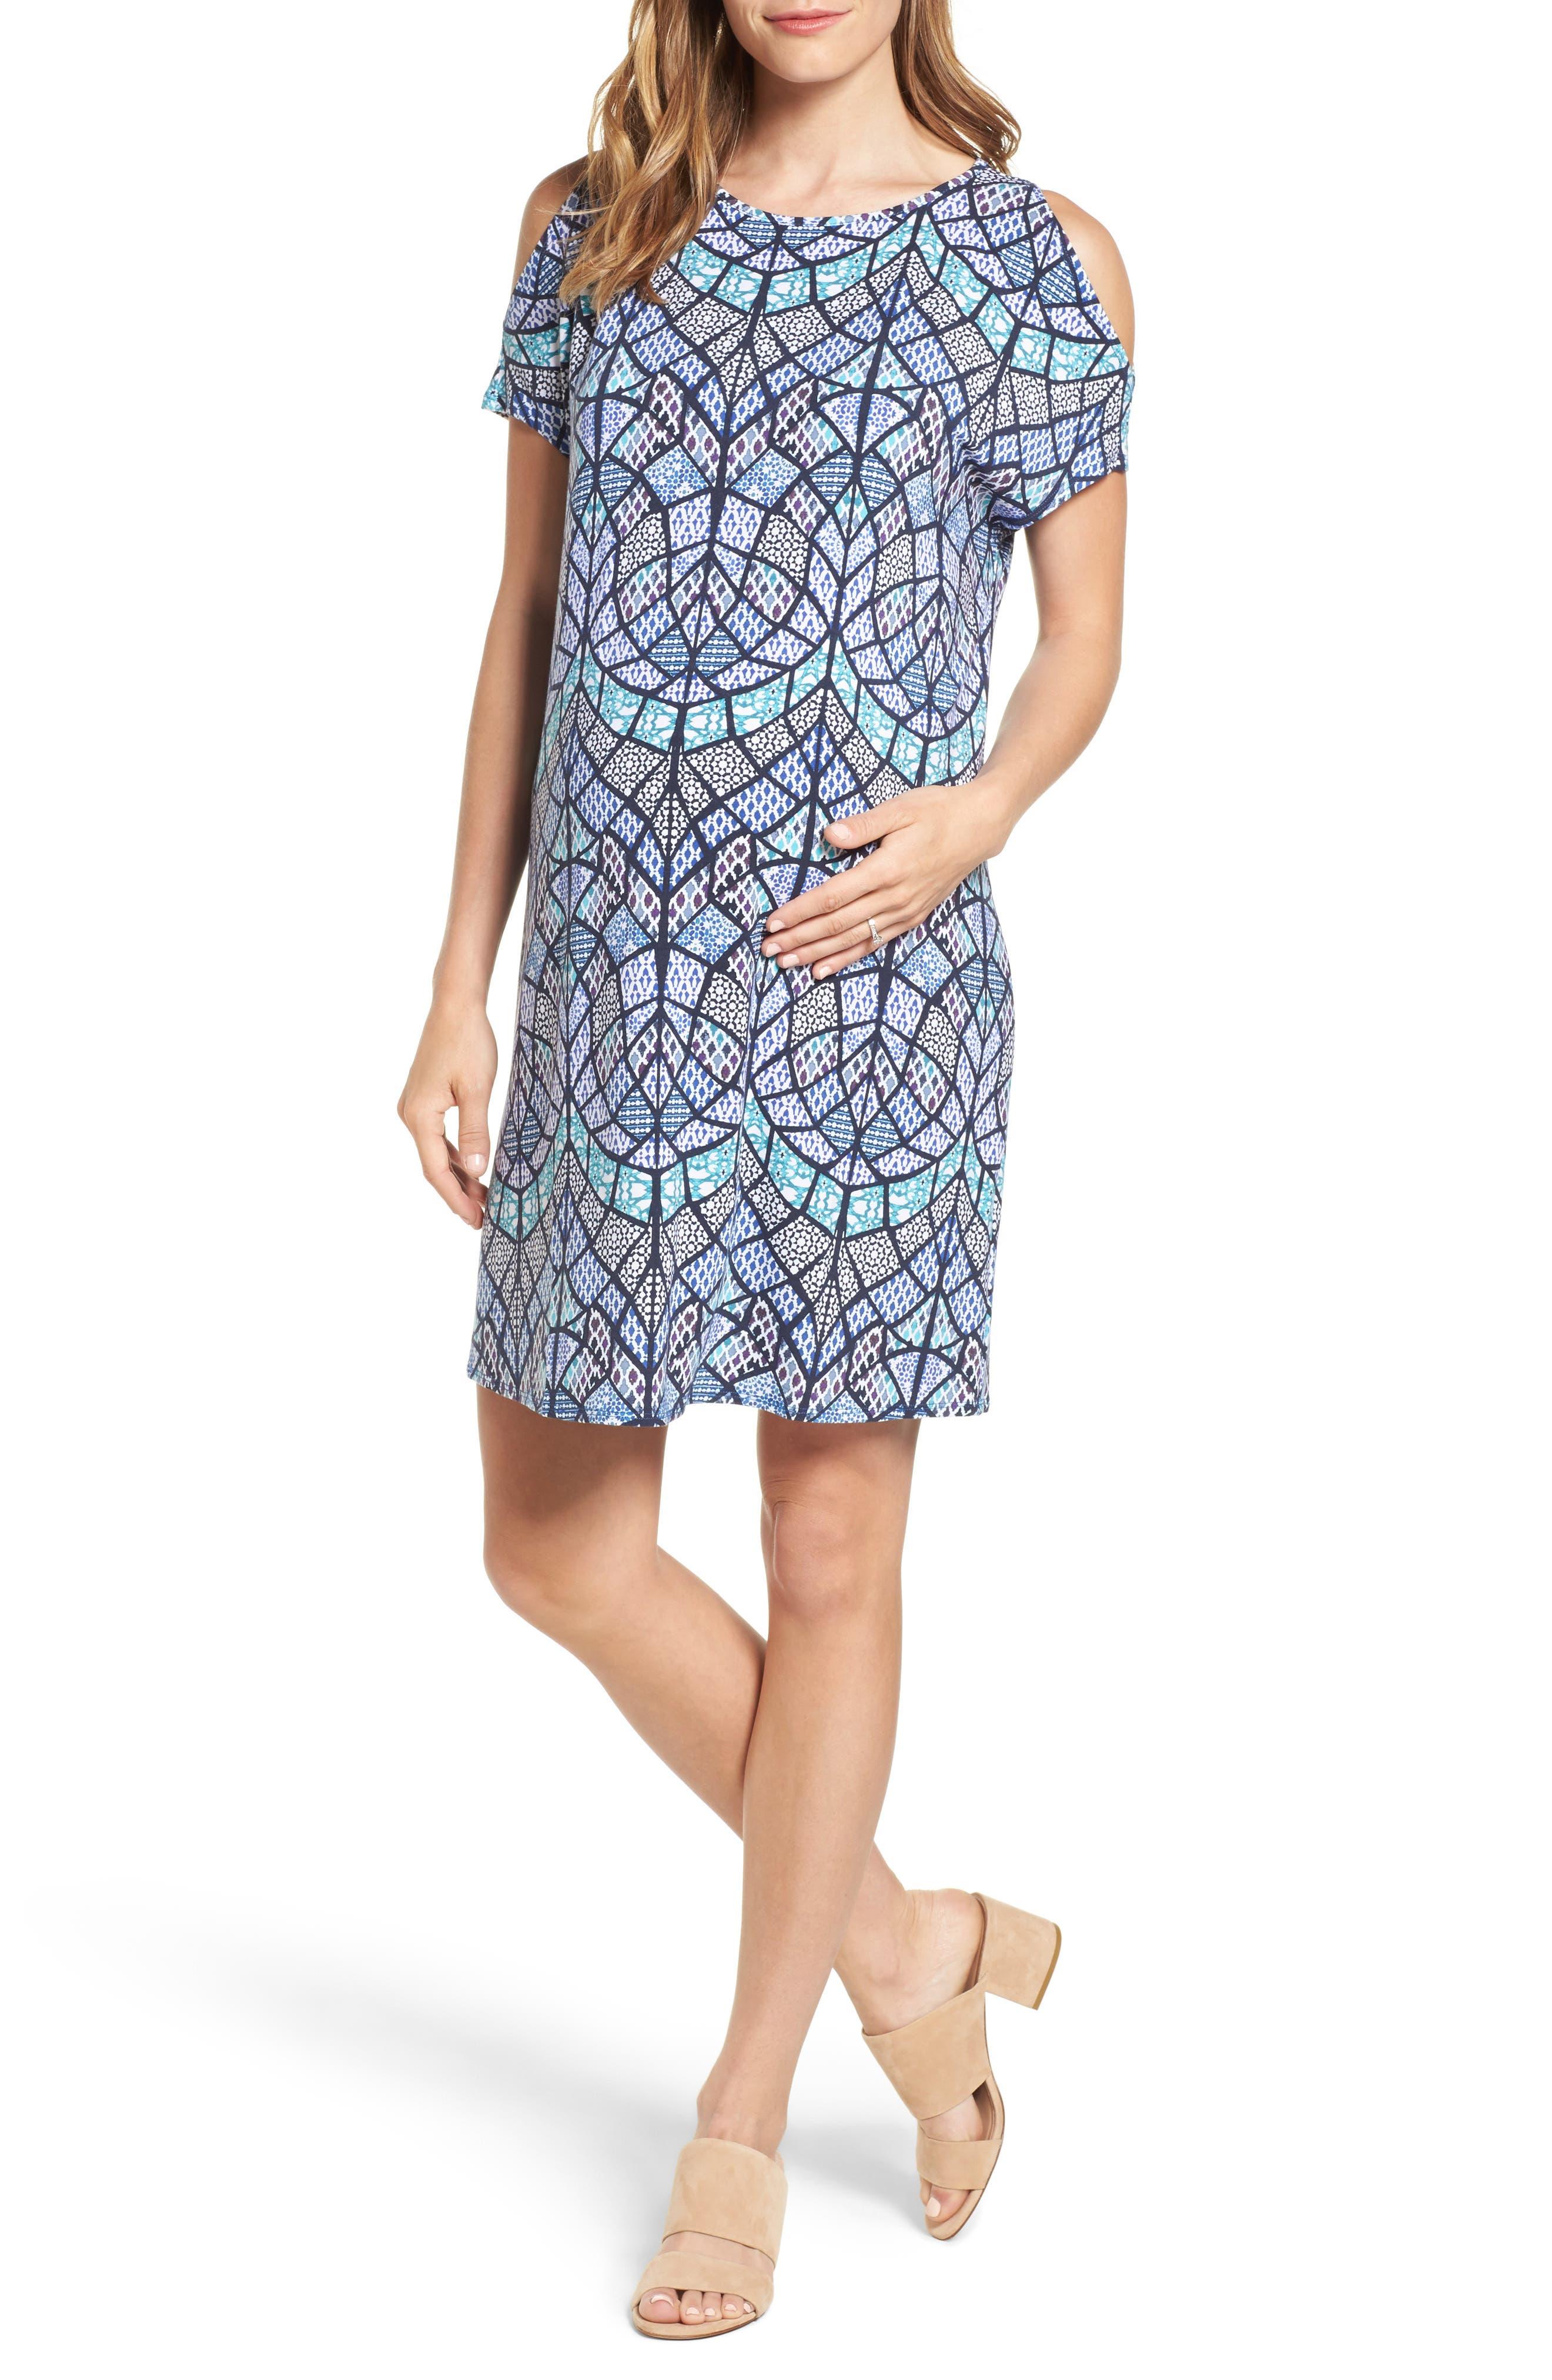 Caia Cold Shoulder Maternity Dress,                         Main,                         color, TILE MOSAIC